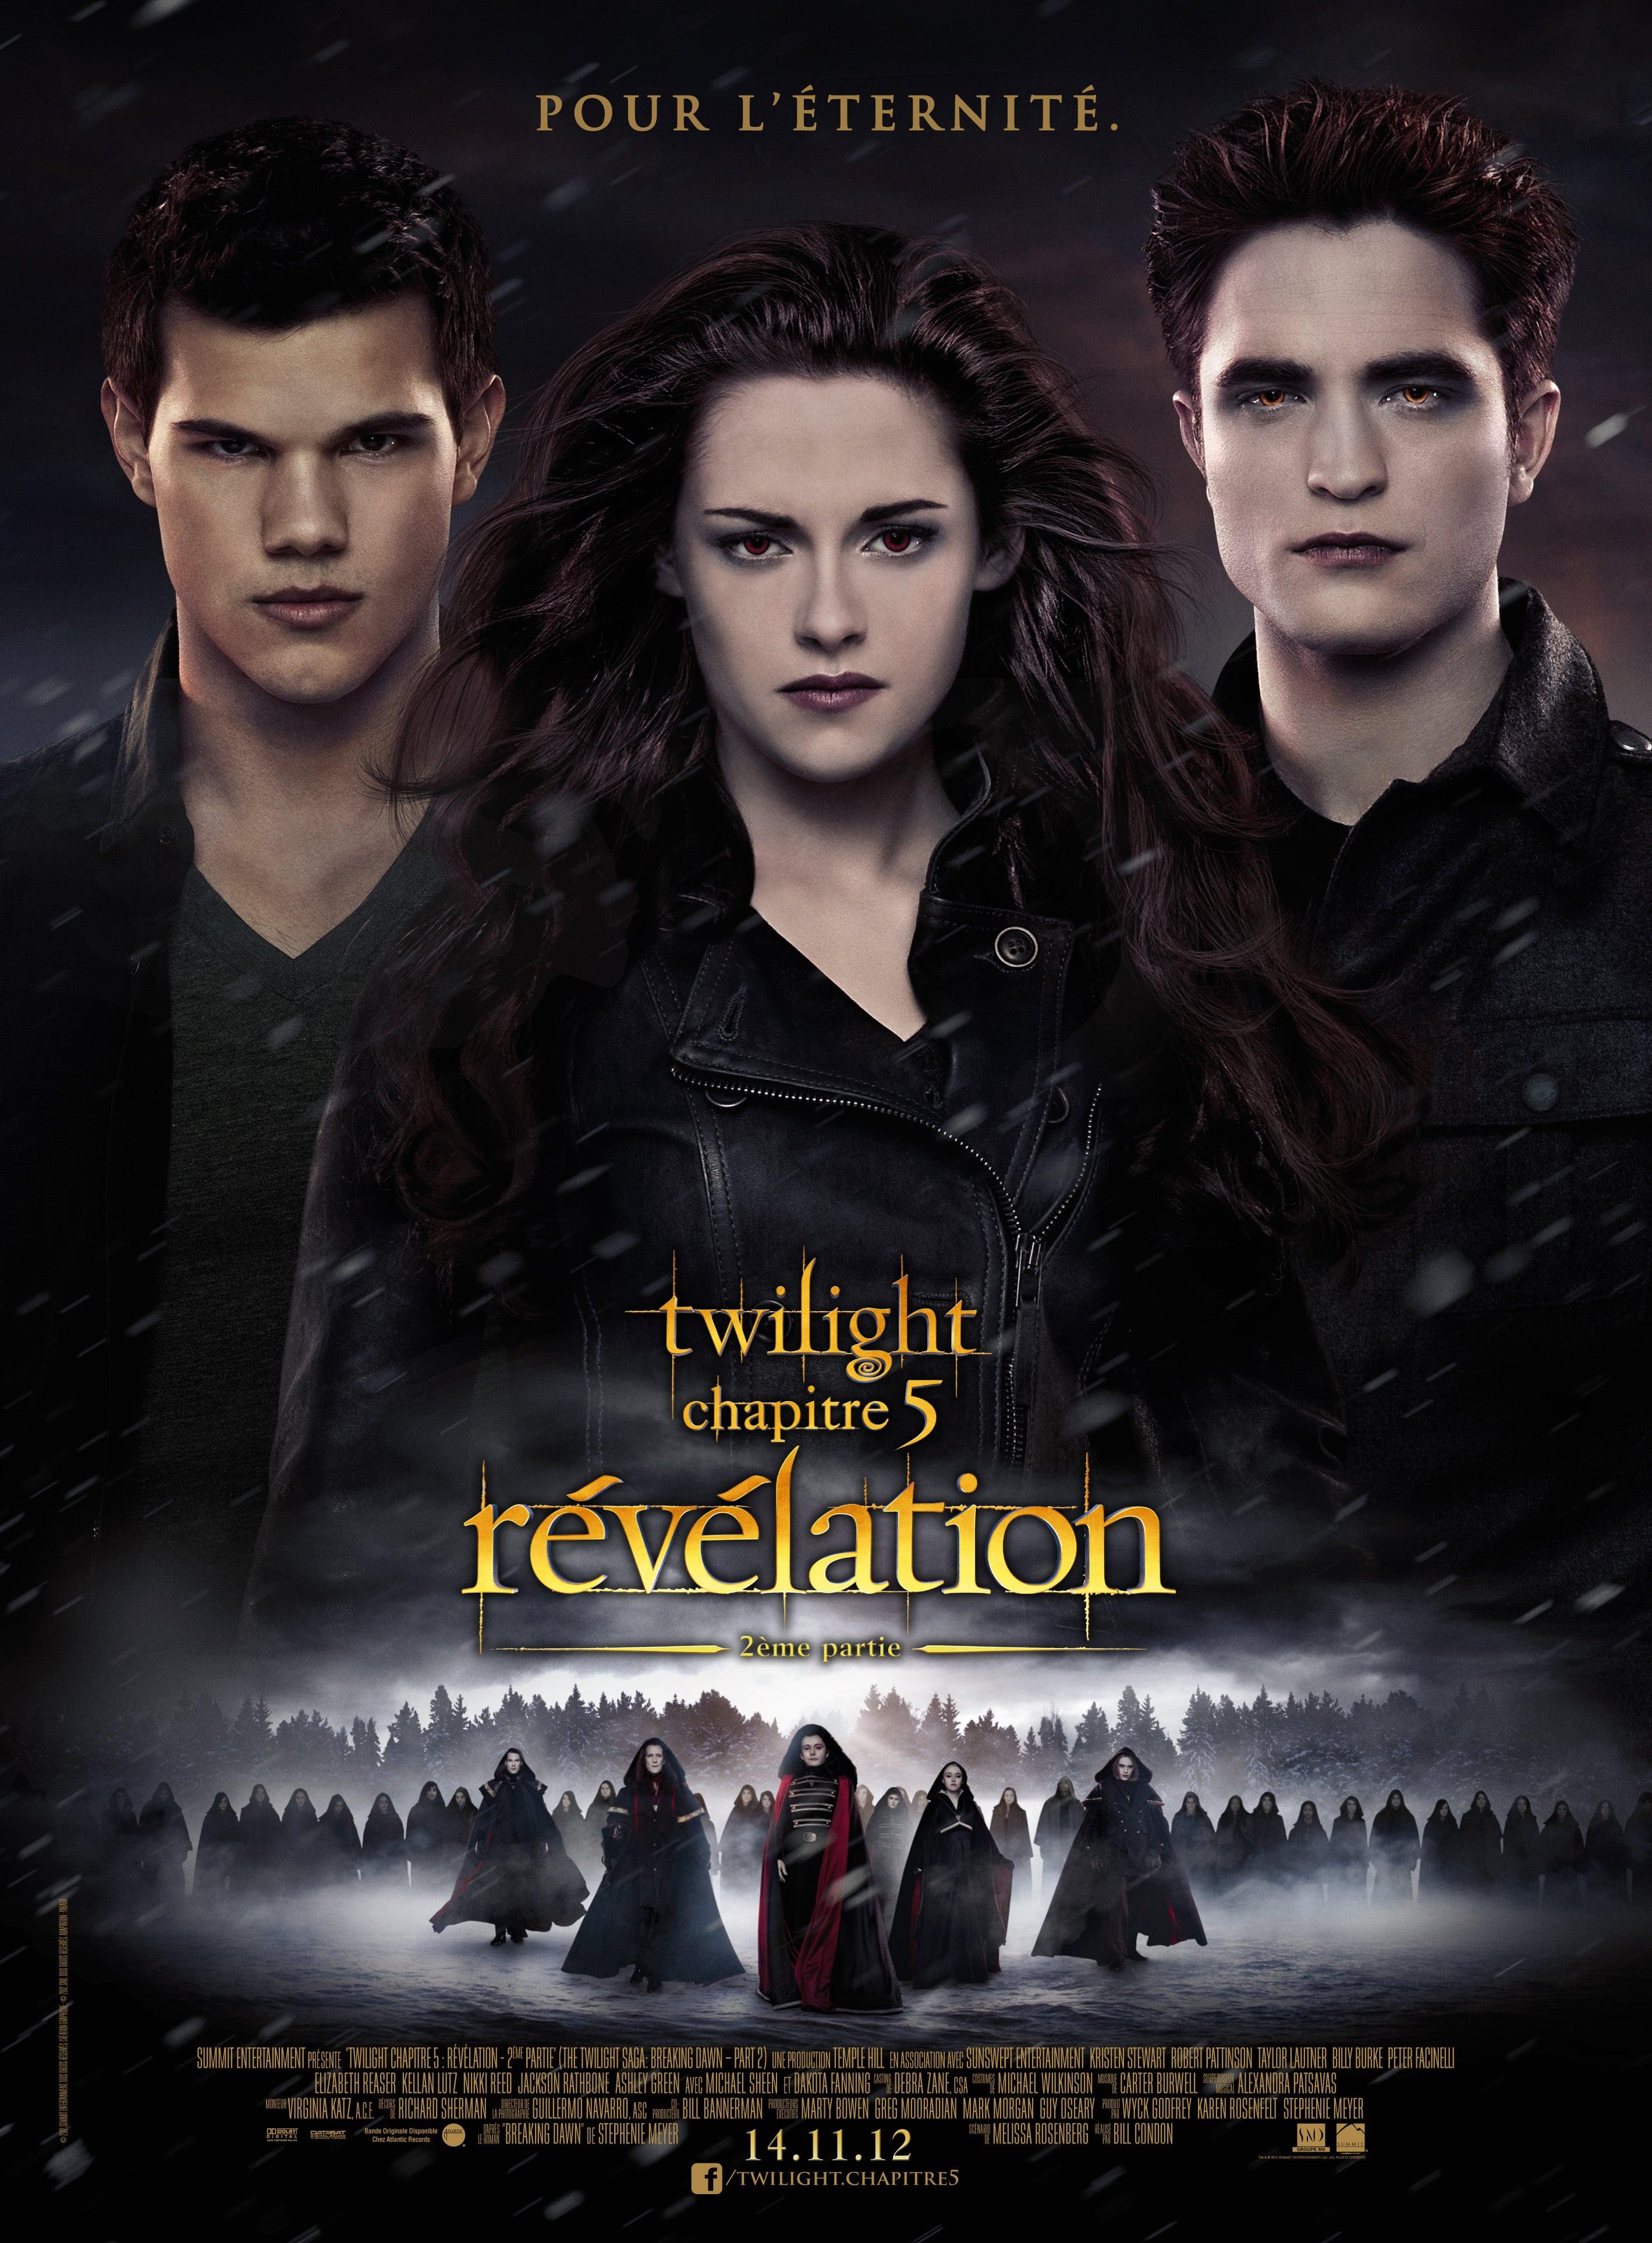 affiche du film Twilight : Chapitre 5 - Révélation, 2e partie